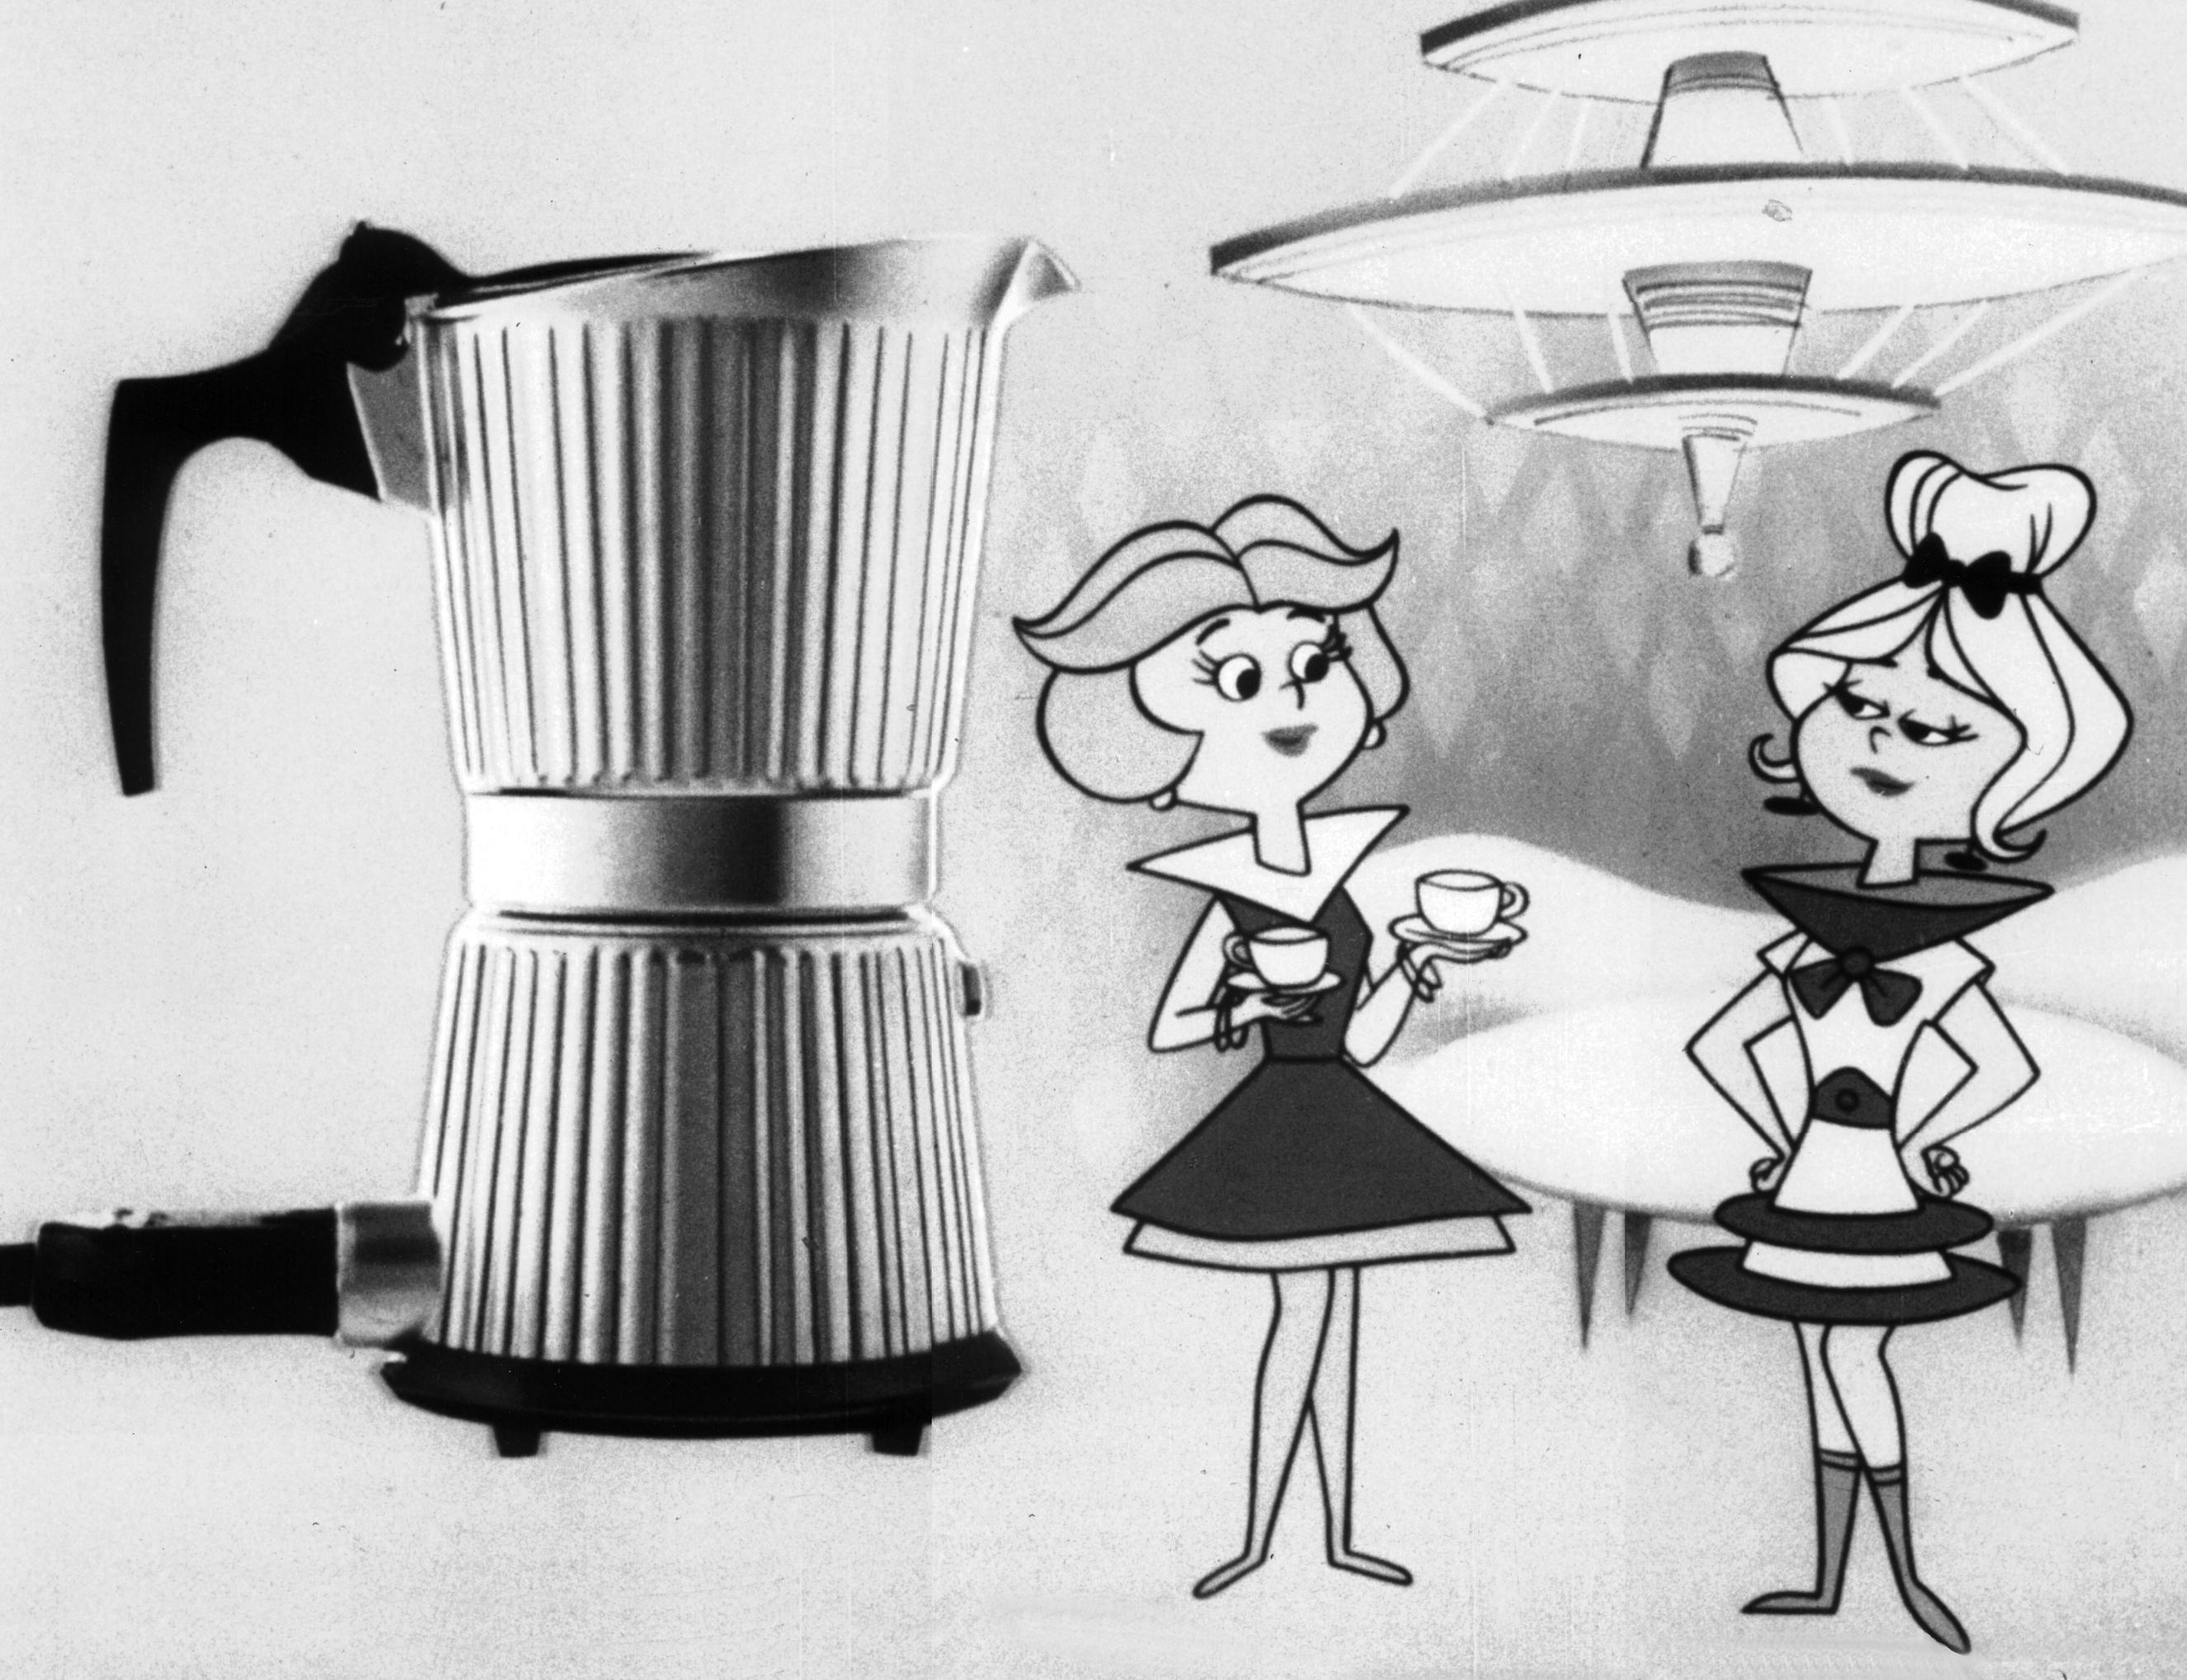 Pronipoti jetsons carosello girmi anni 60 con curiosità foto e video